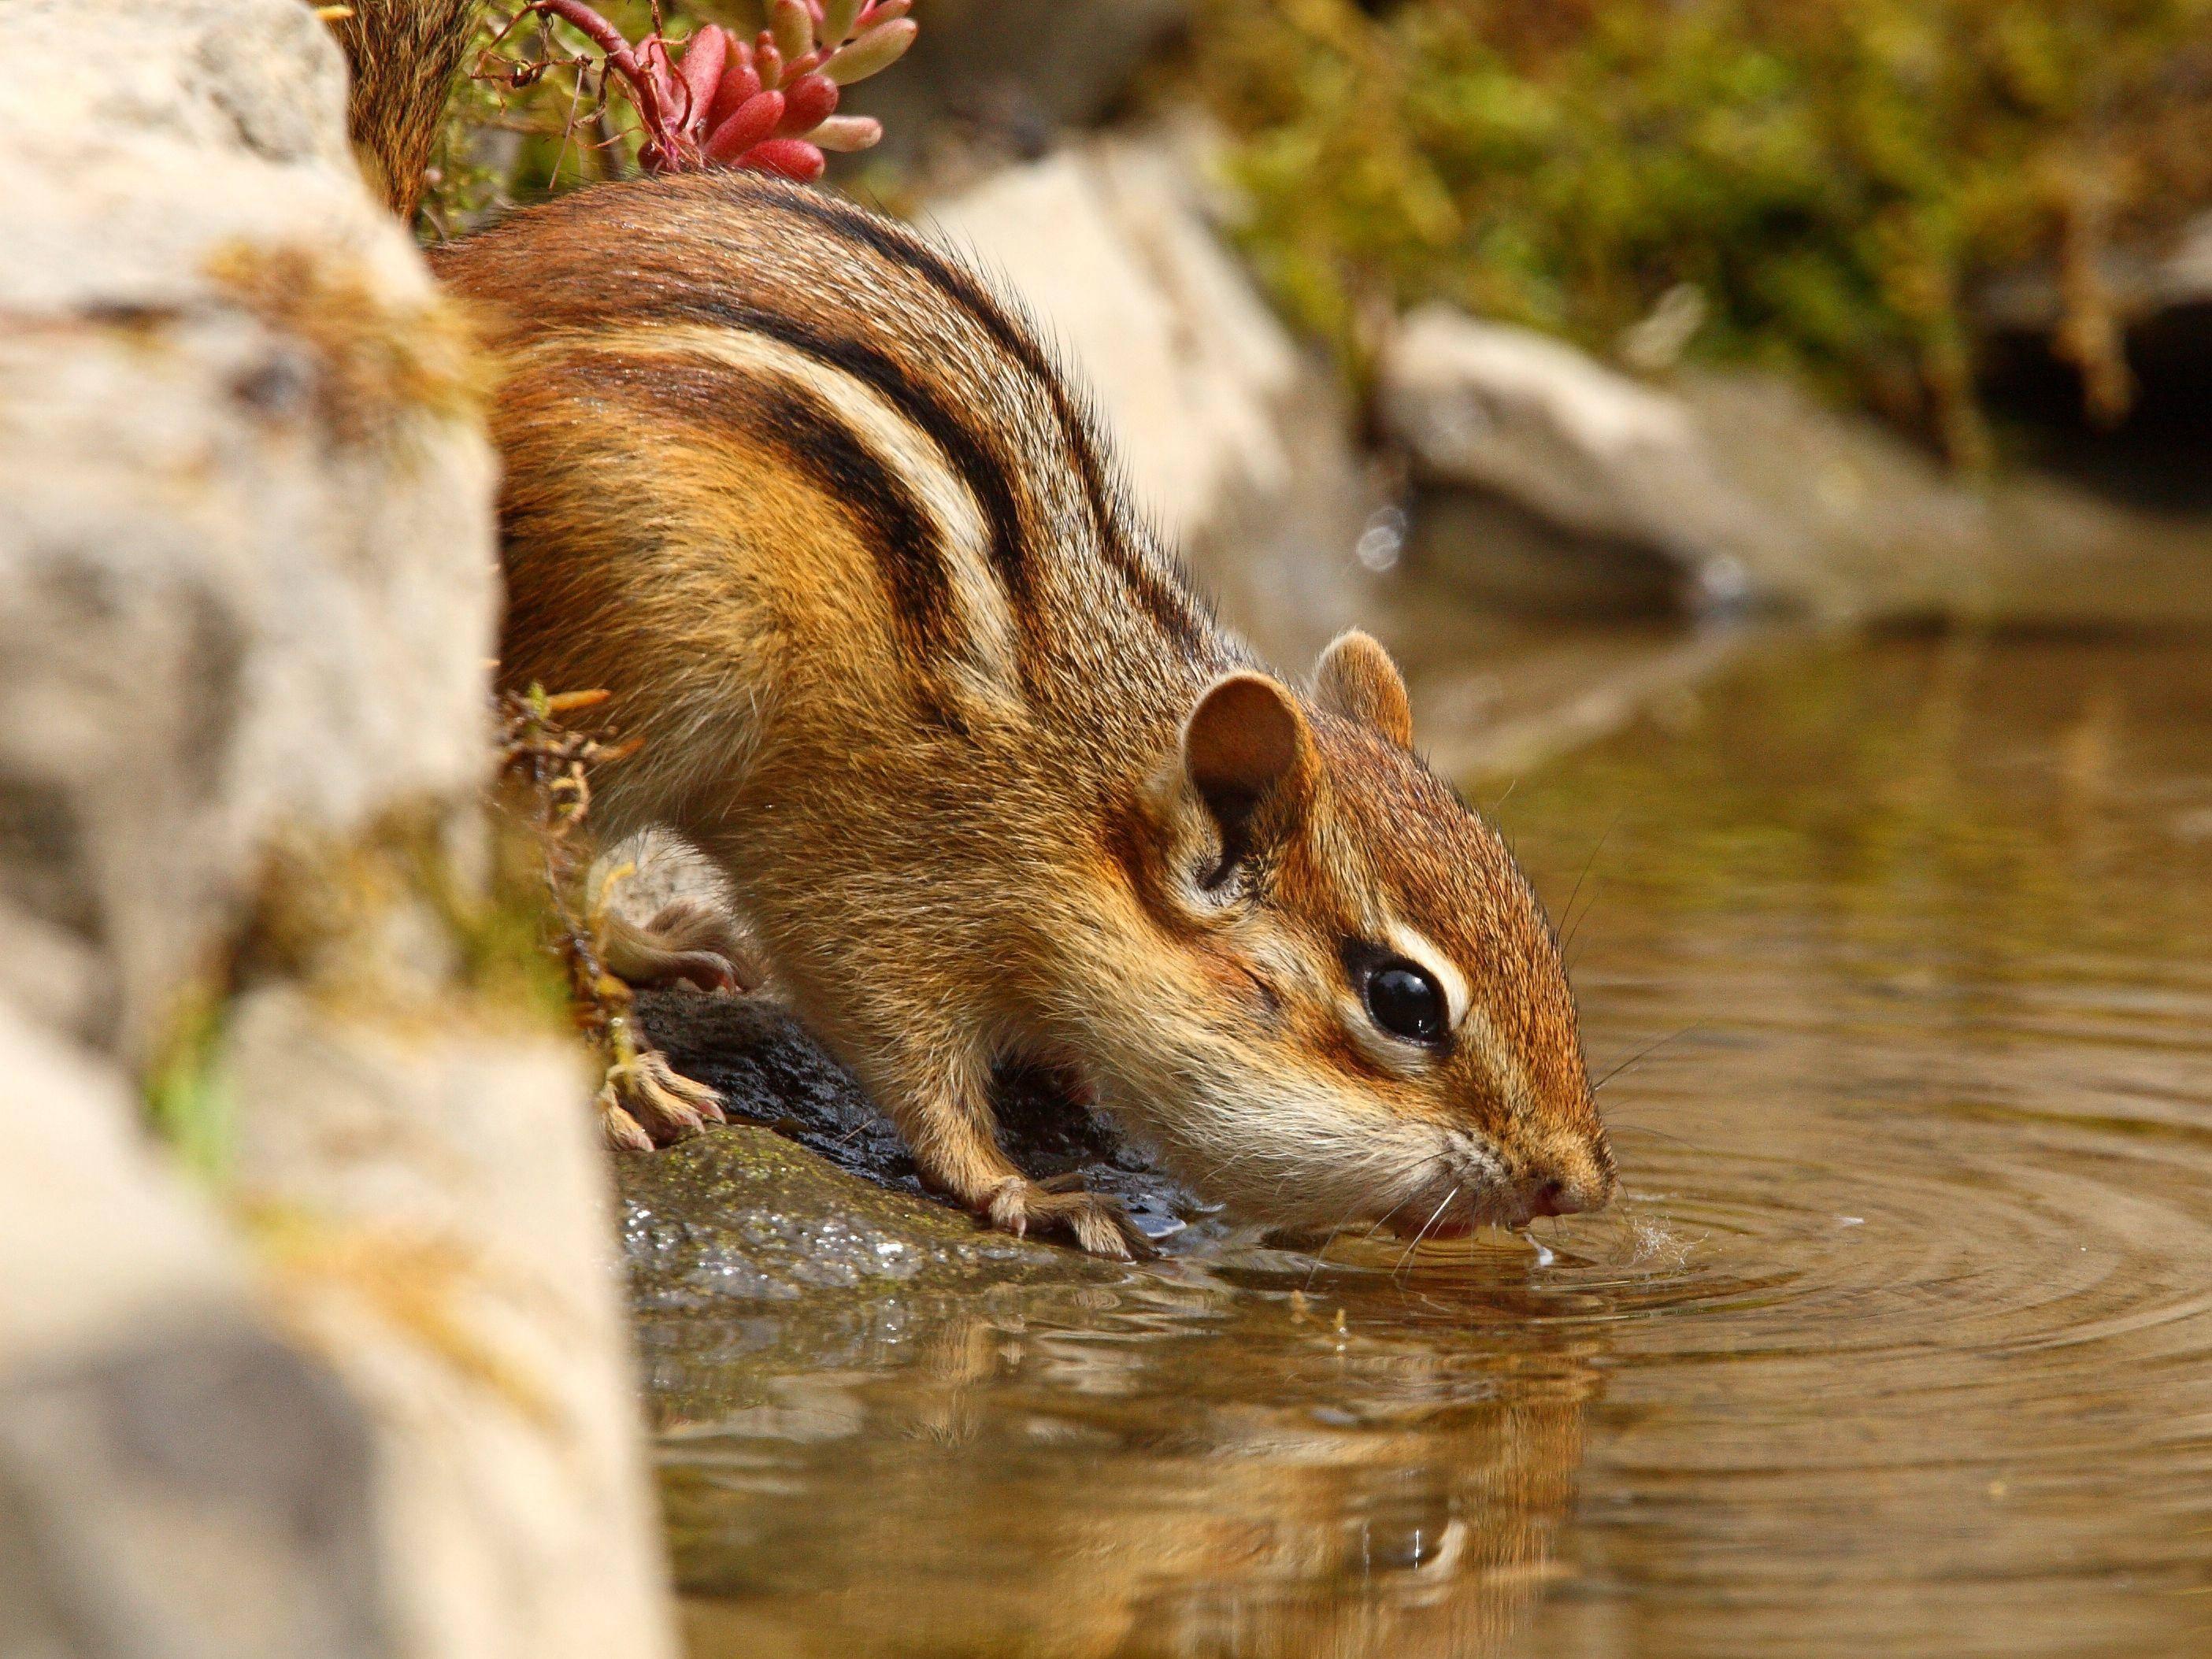 Gar nicht wasserscheu, dieses süße Streifenhörnchen — Bild: Shutterstock / robag